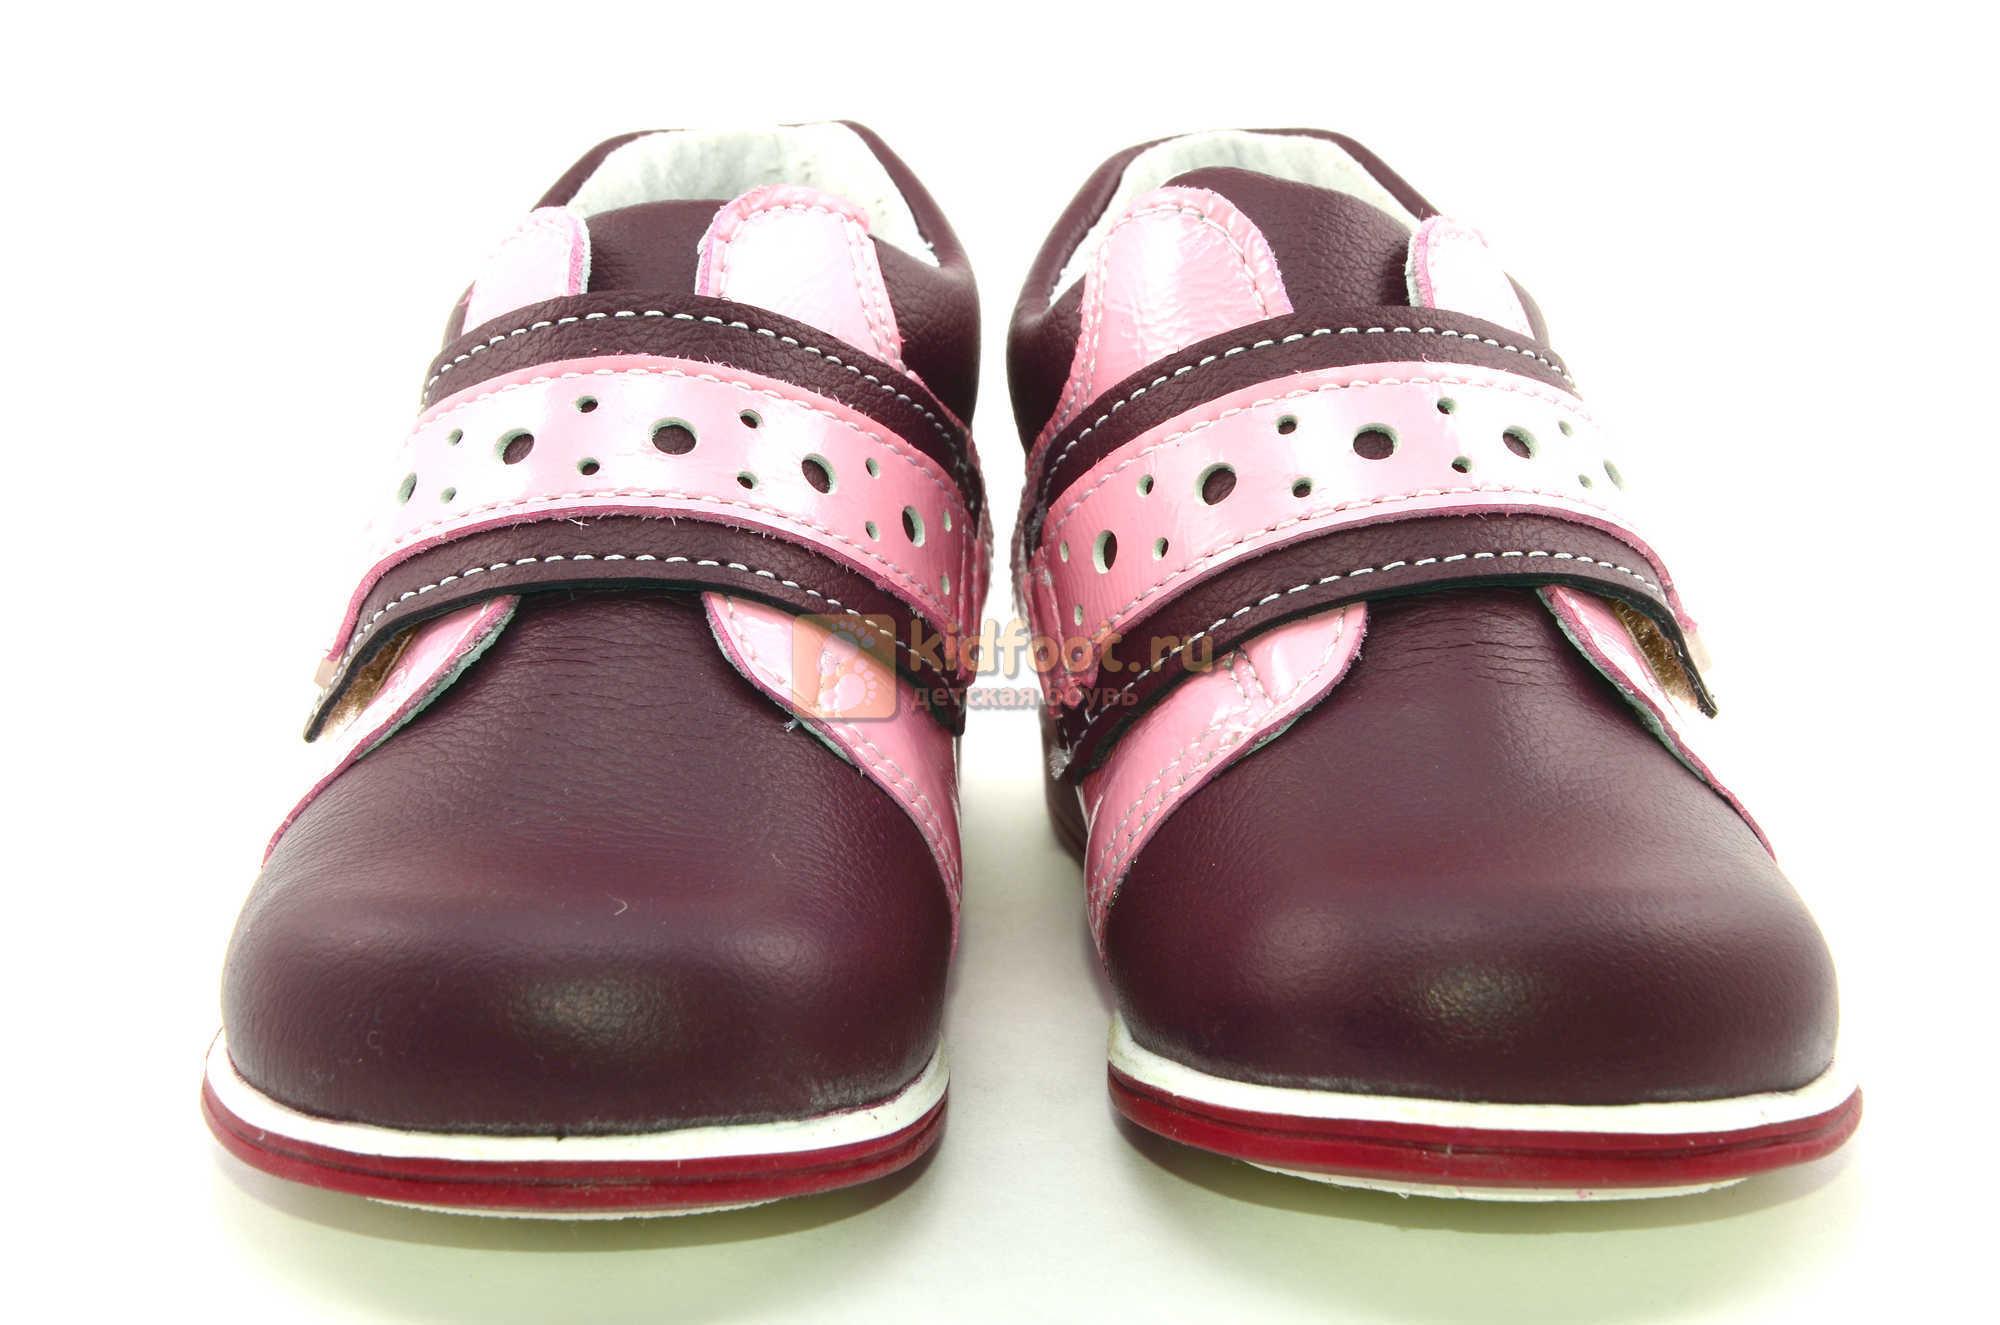 Ботинки Лель для девочек кожаные, демисезонные, ортопедические, на липучках, цвет бордо